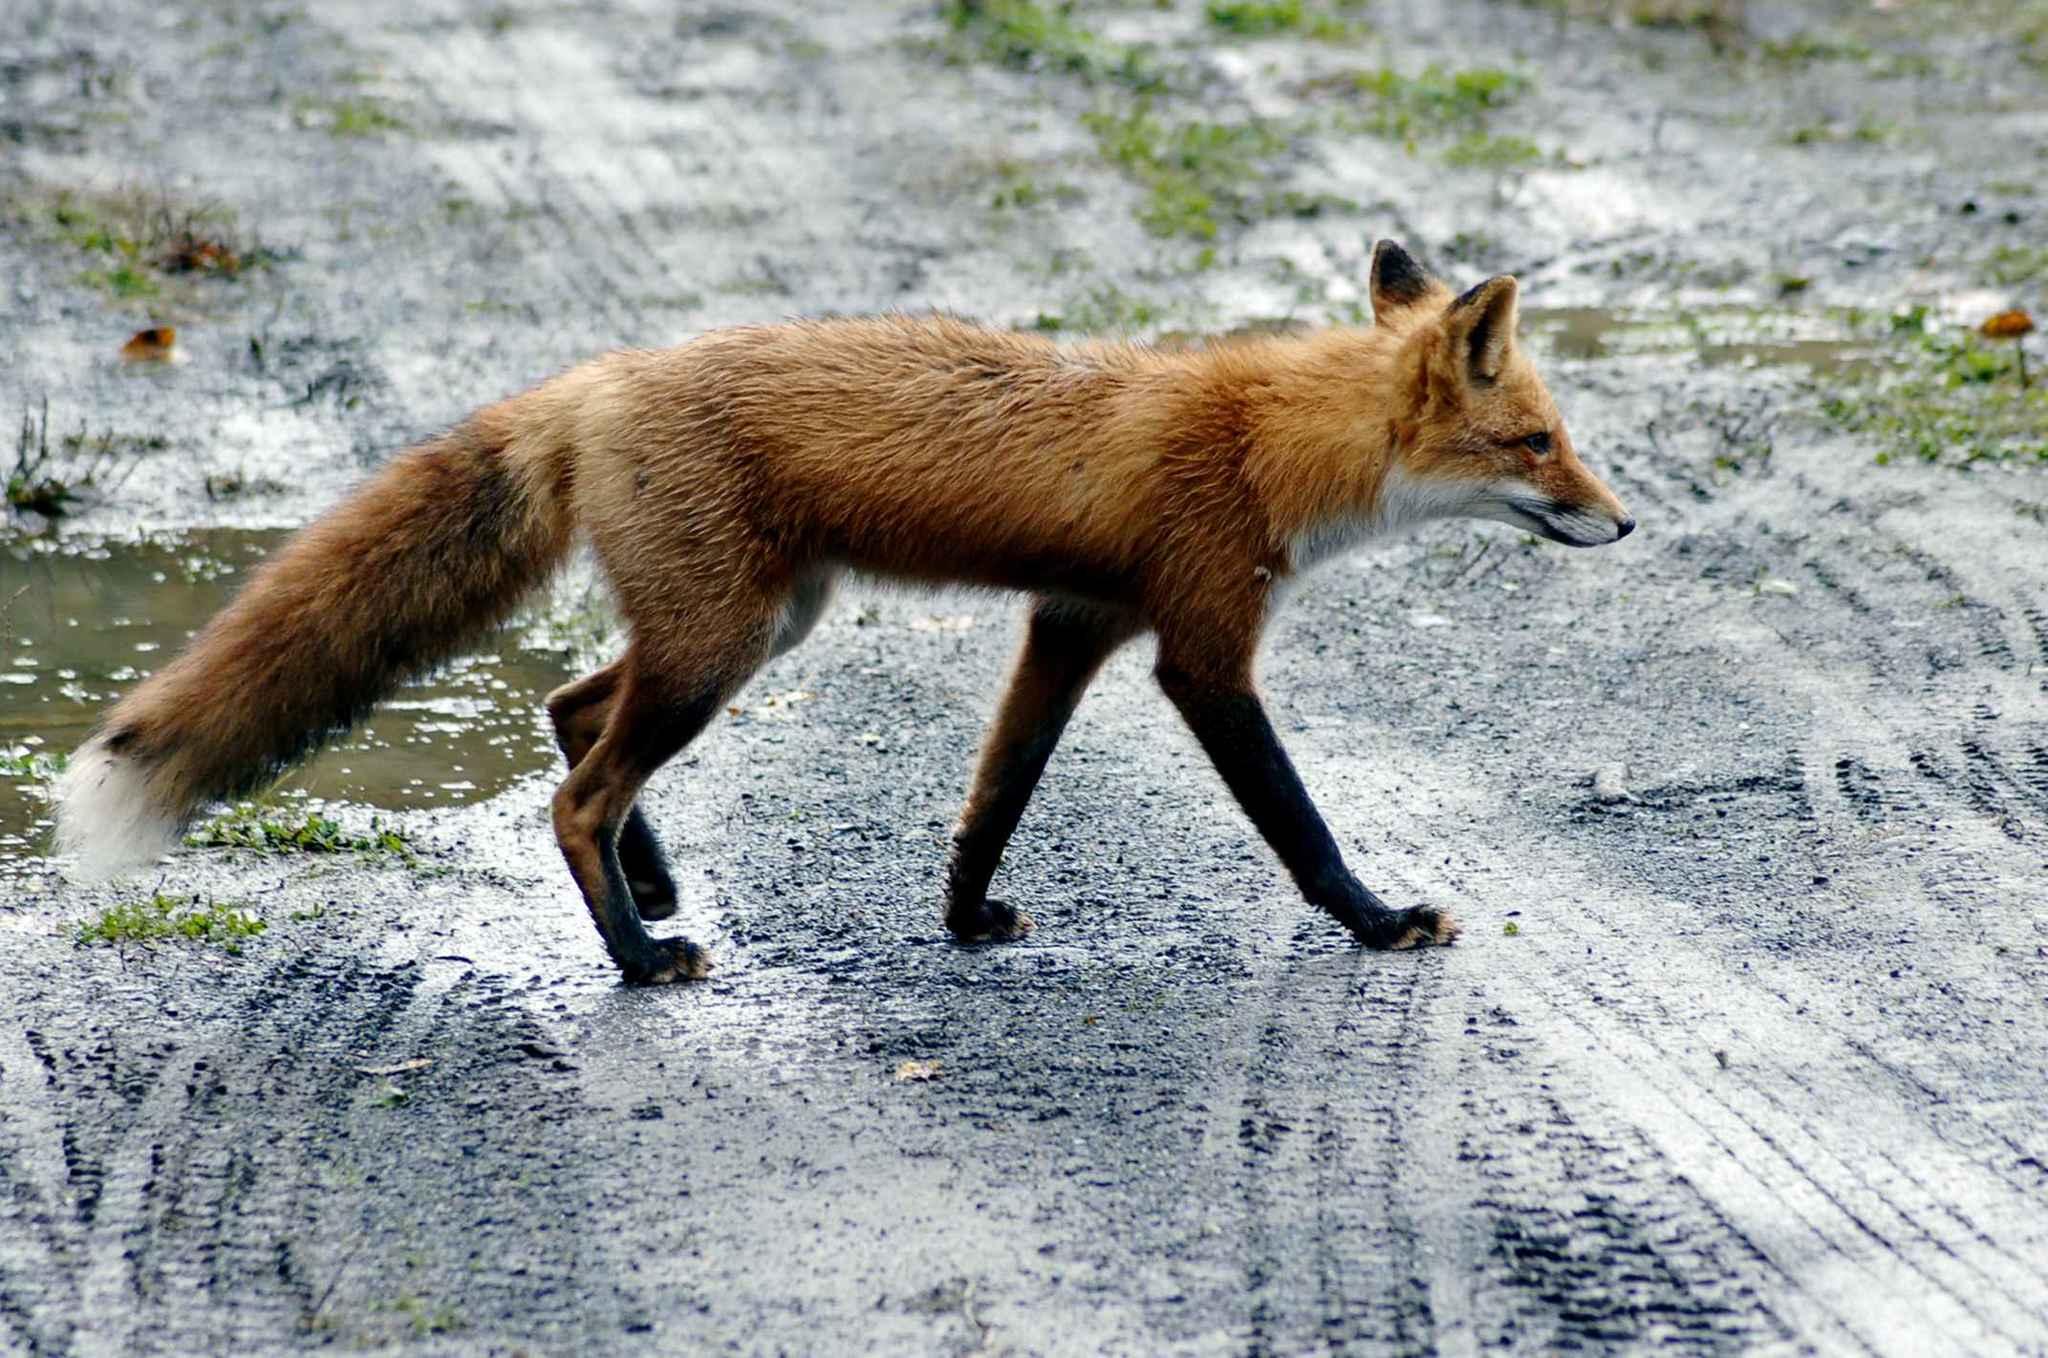 Egyre gyakrabban bukkannak fel a rókák a lakott települések közelében